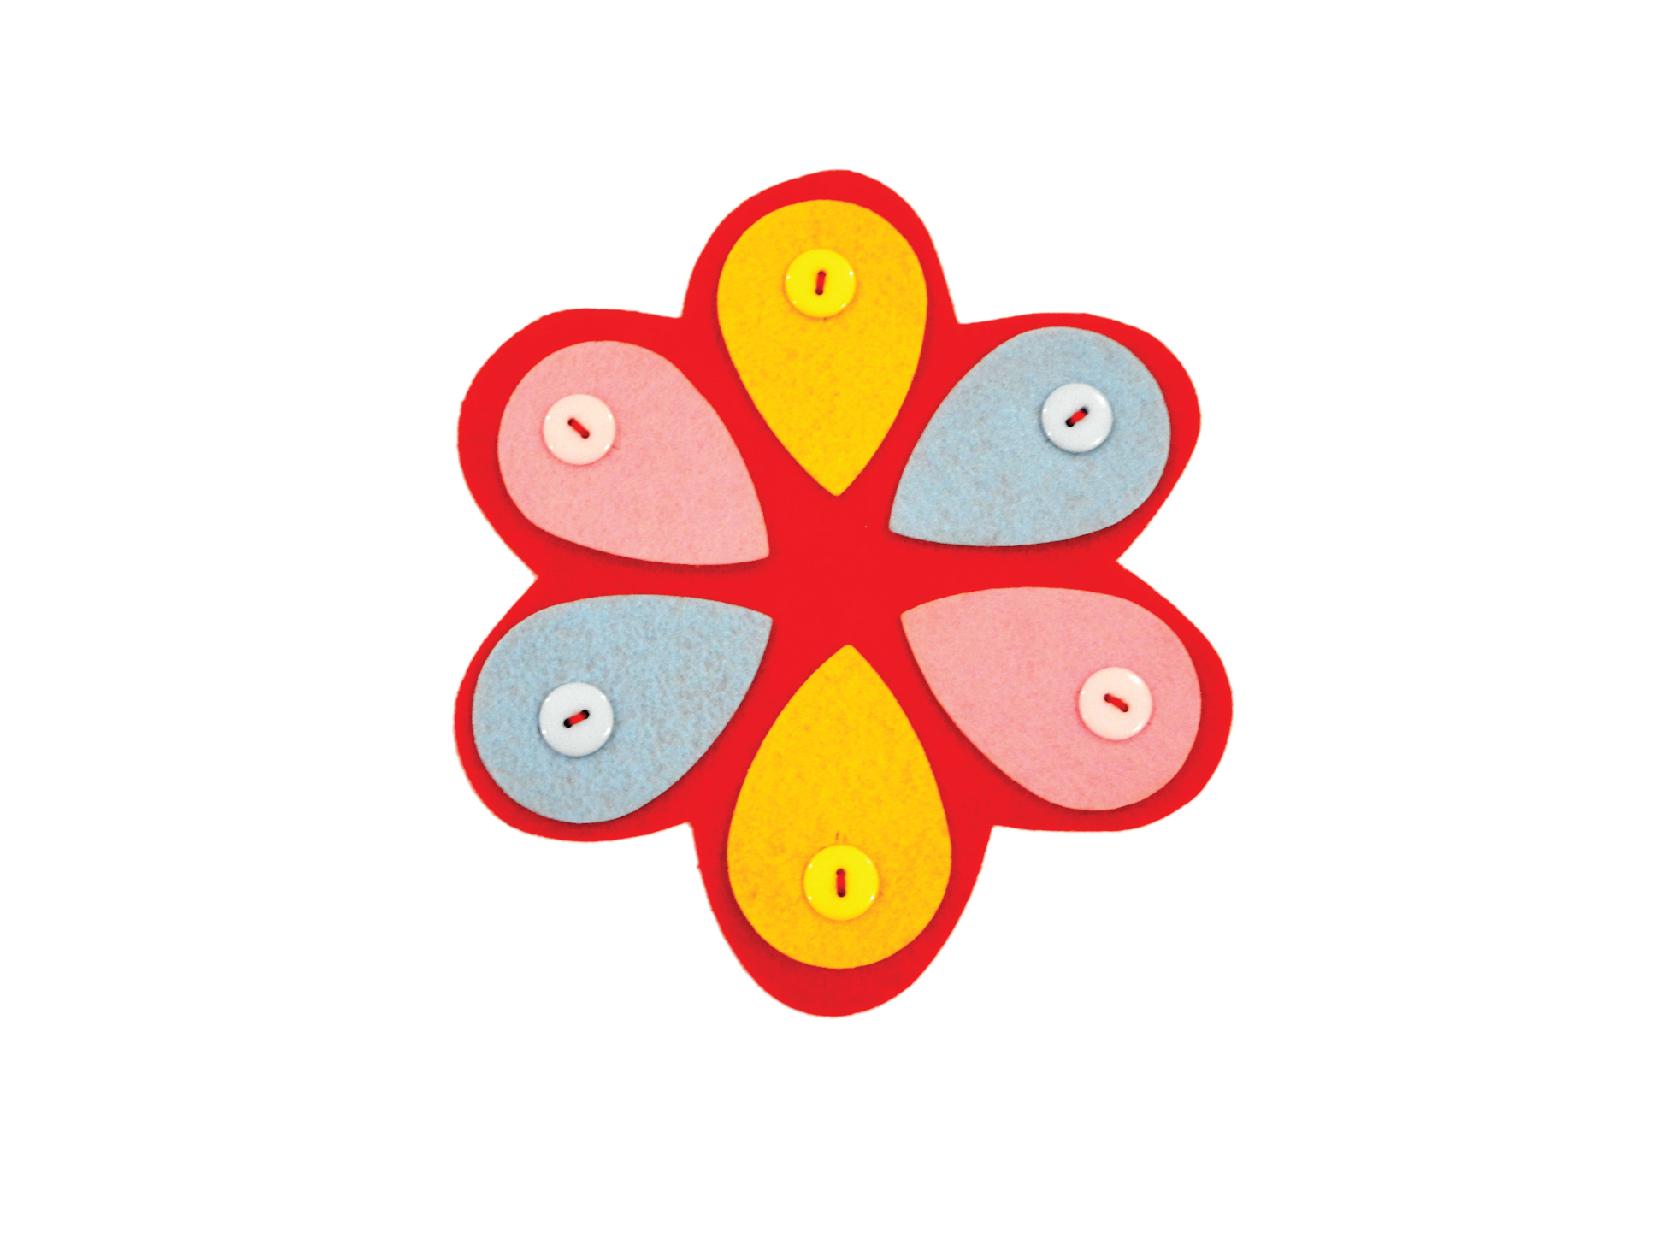 Project 10.1 Petals